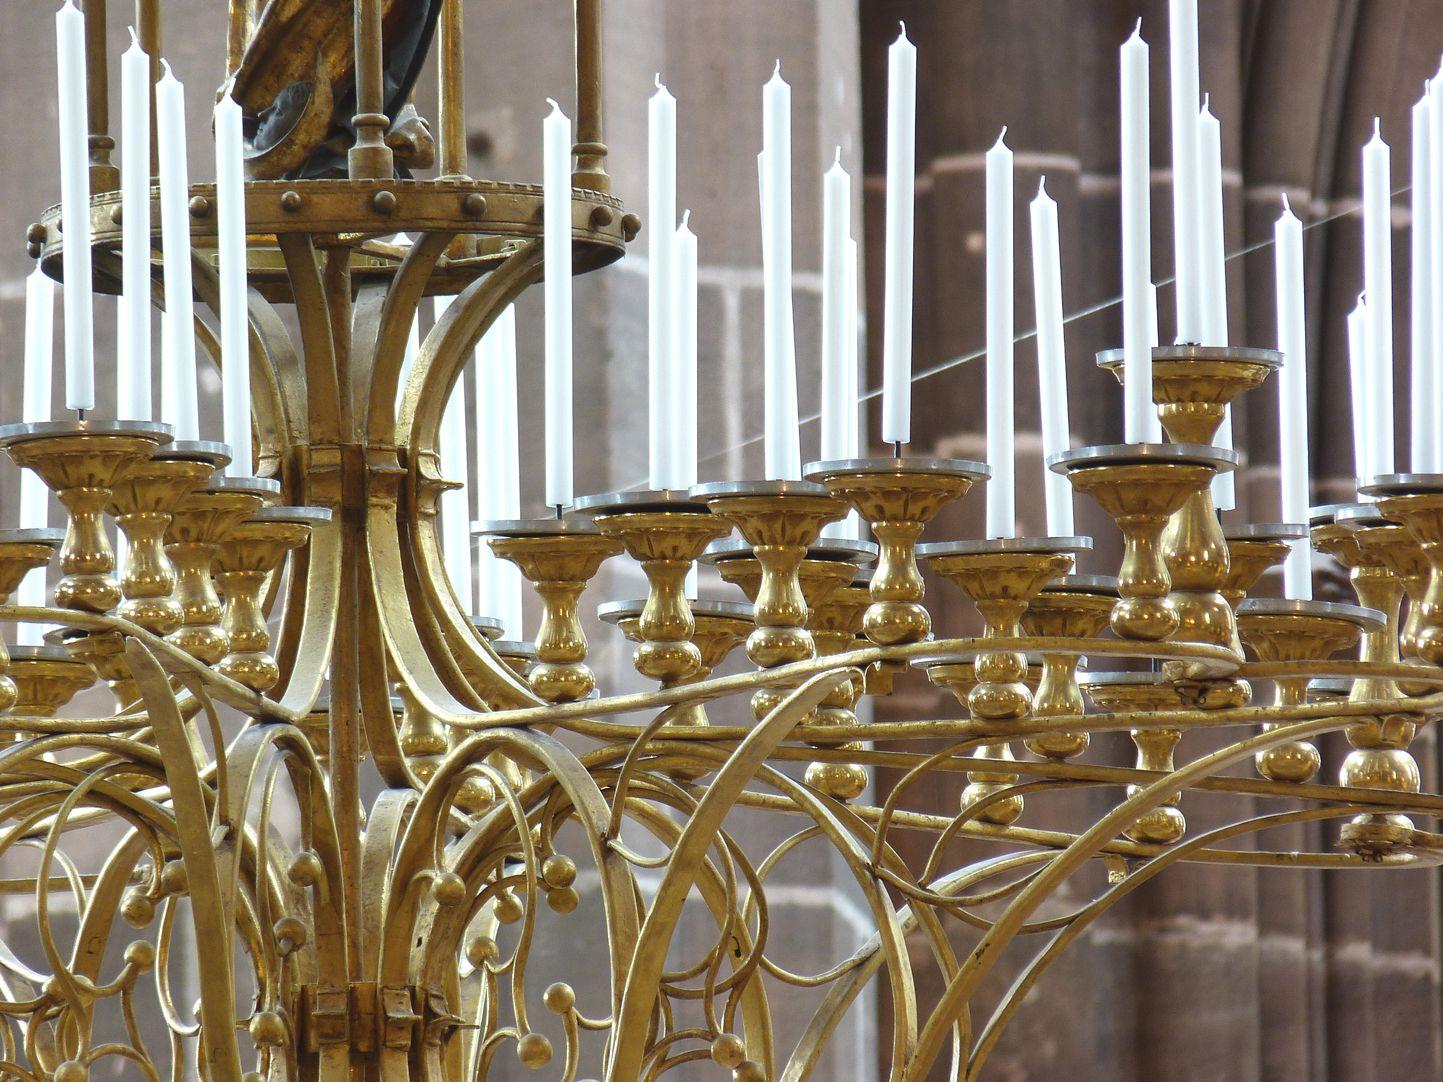 Marienleuchter Durchblick mit aufgereihten Kerzen